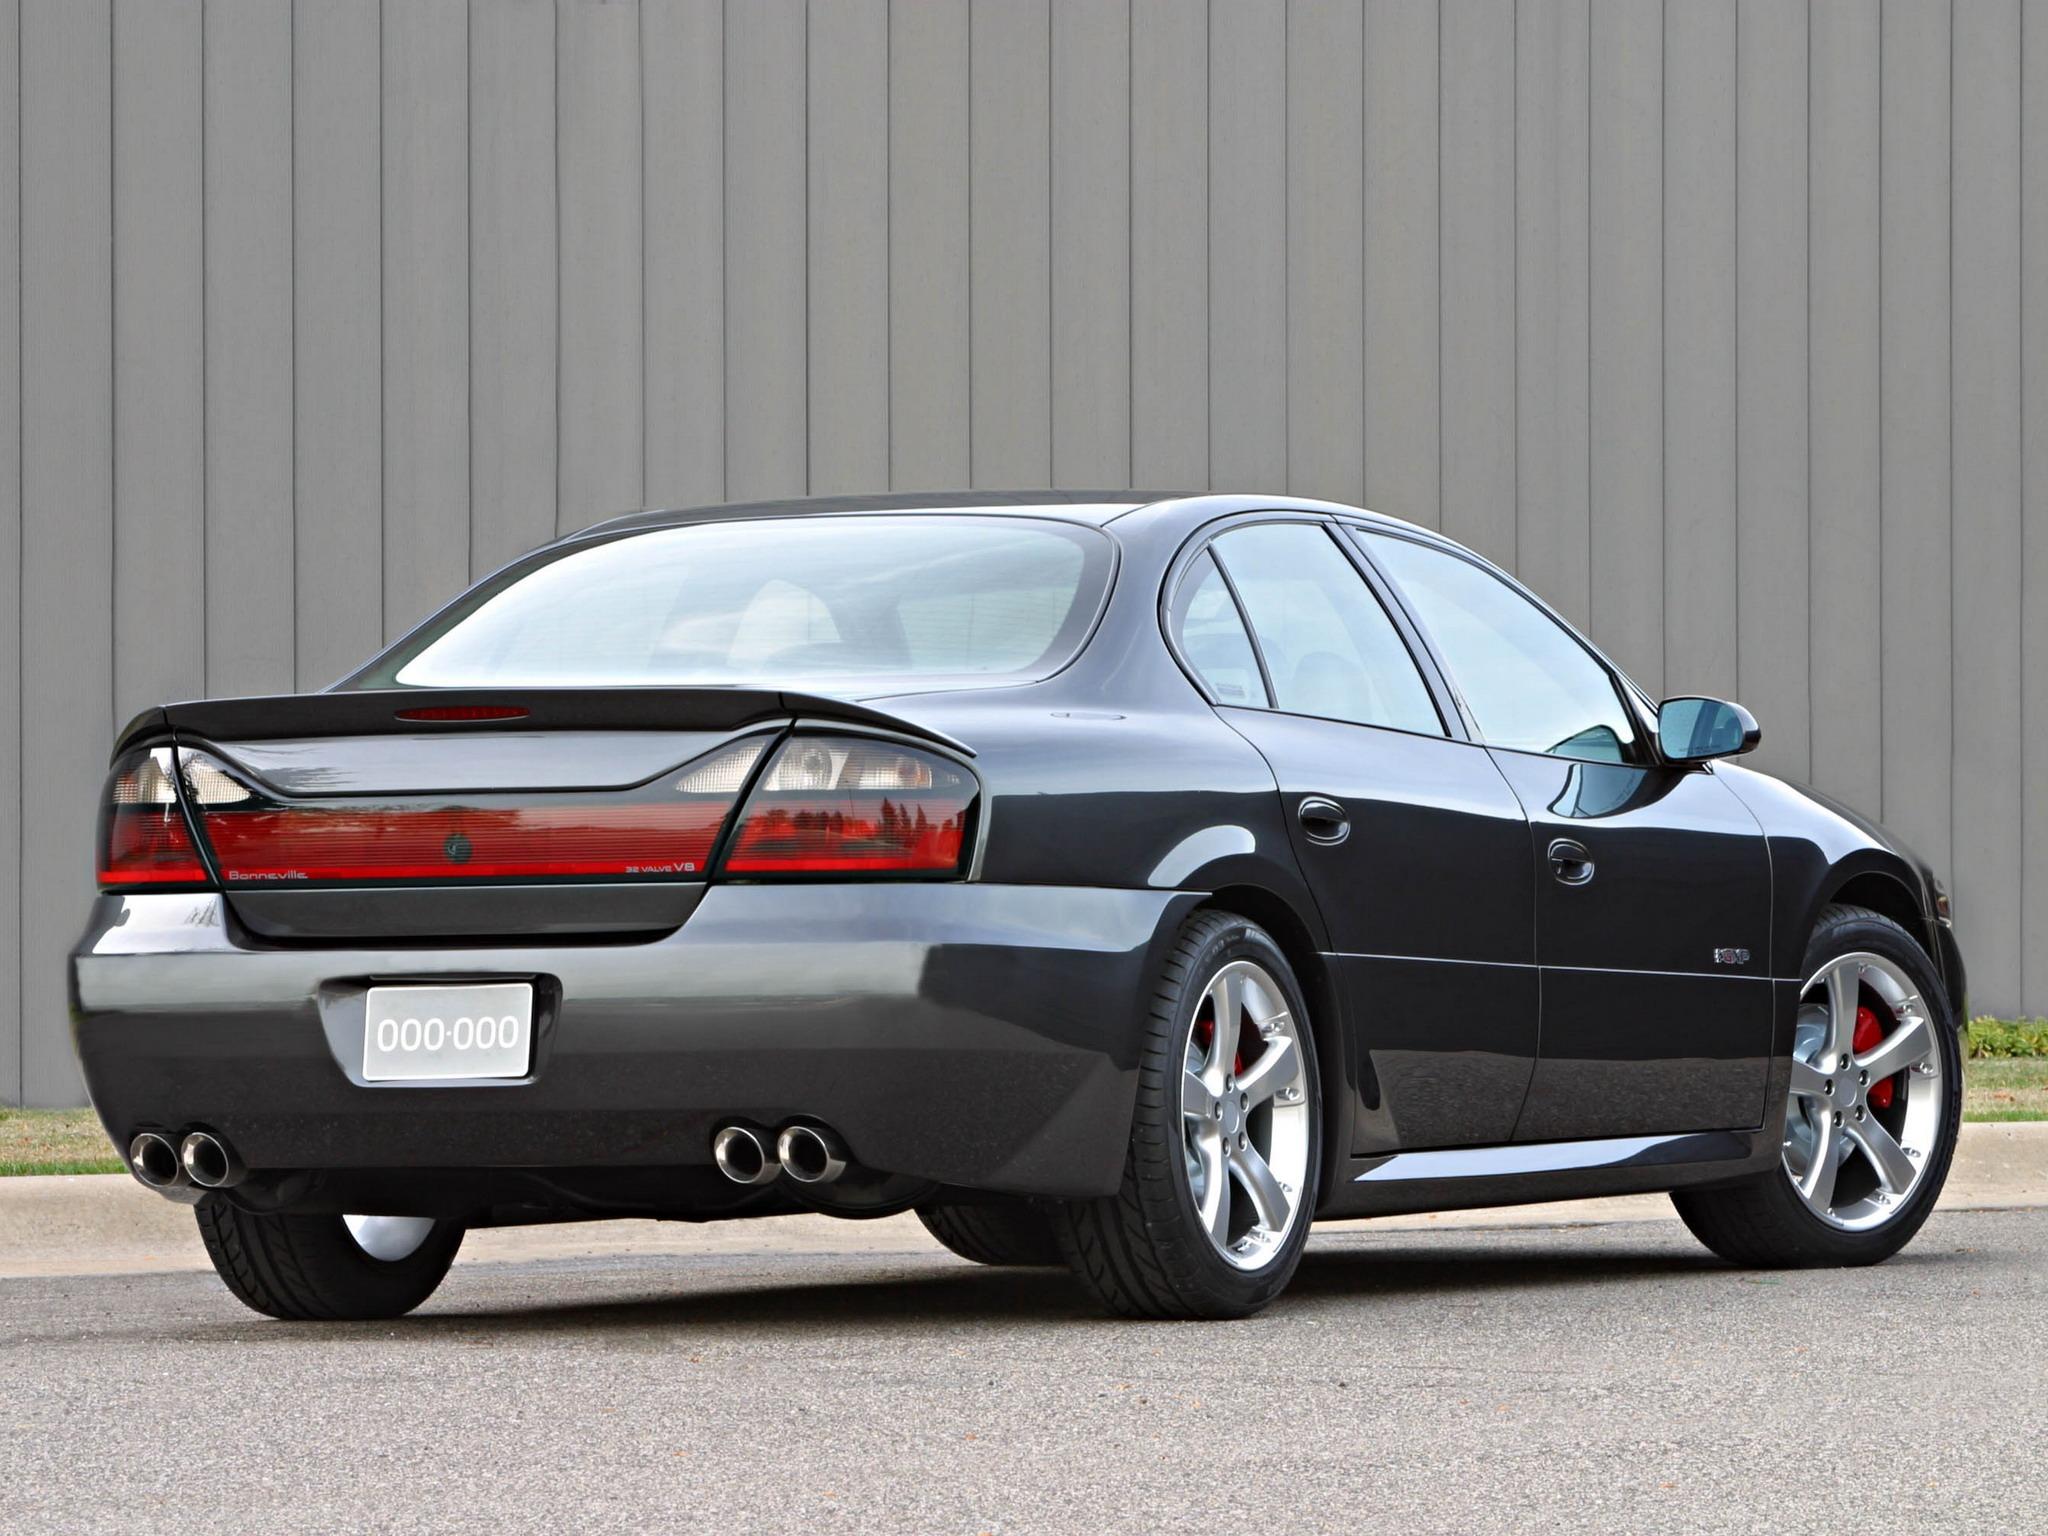 Pontiac Bonneville GXP Concept (2002) – Old Concept Cars